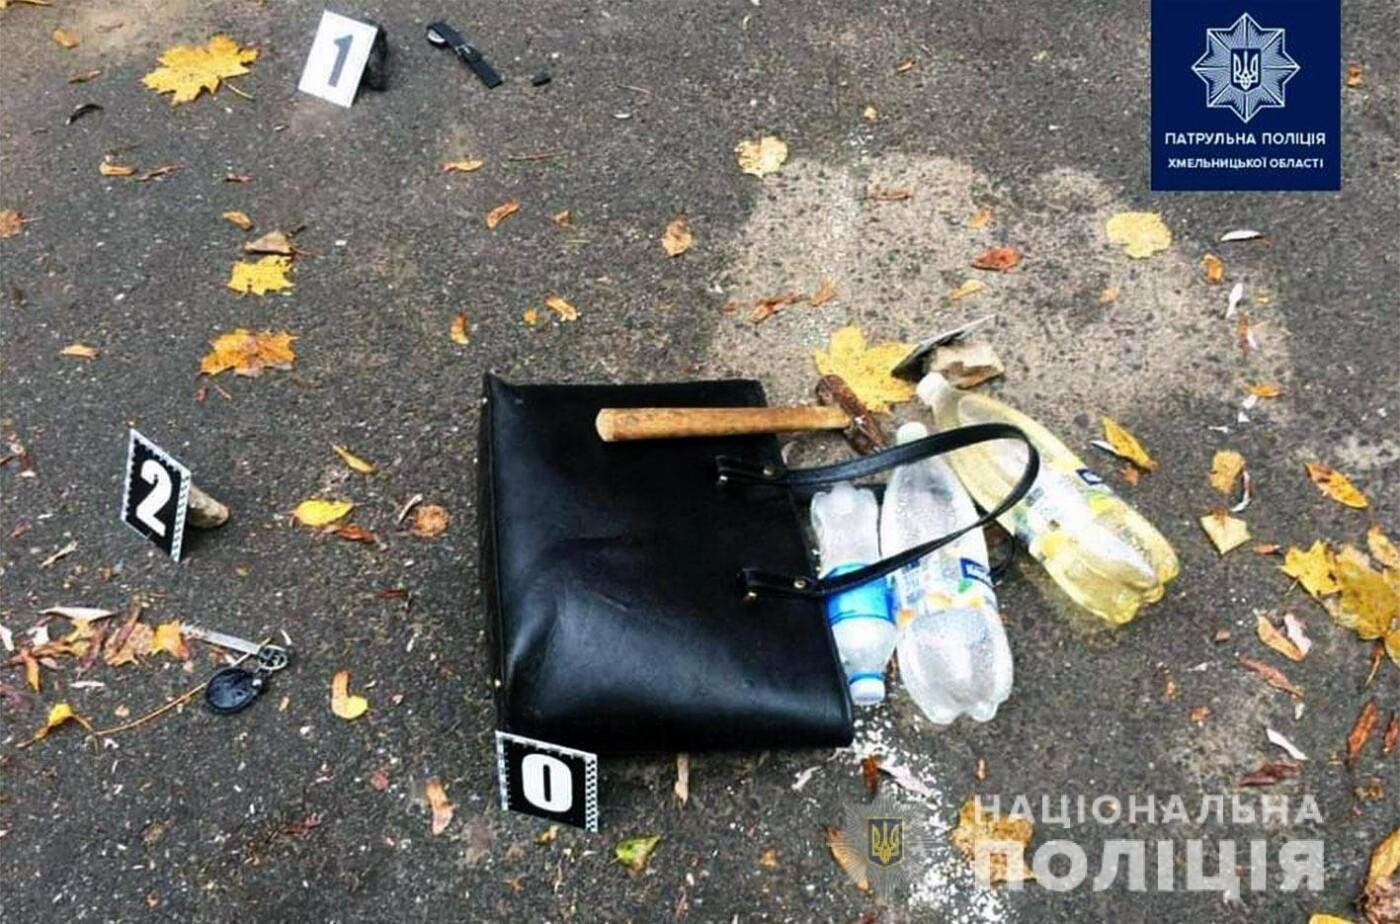 У Хмельницькому патрульні оперативно затримали дует грабіжників (ФОТО), фото-2